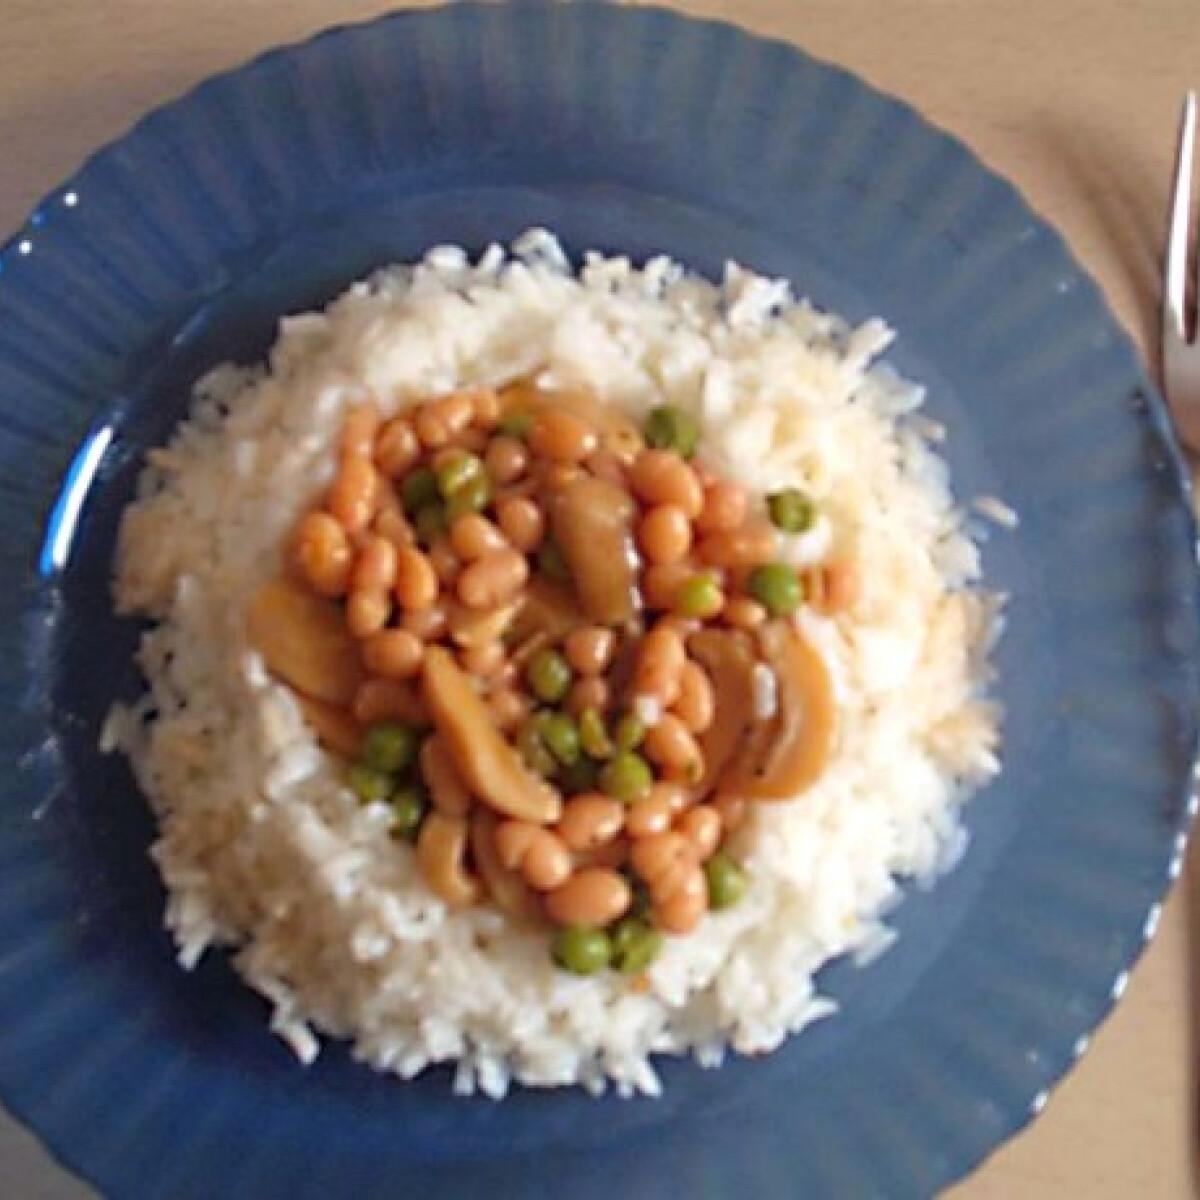 Zöldséges rizs Katca konyhájából